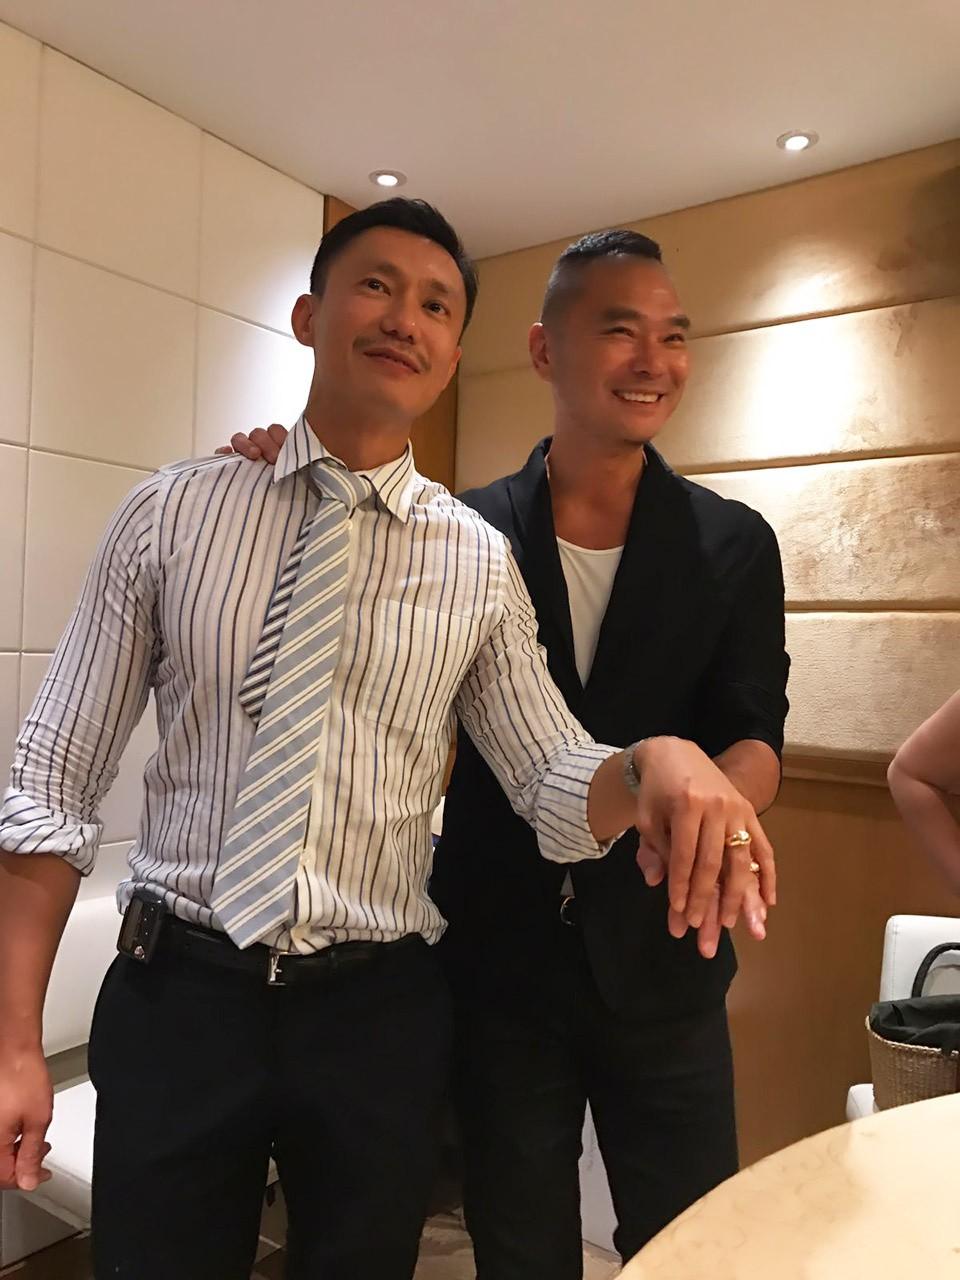 Sẵn sàng từ bỏ gia sản hàng chục triệu đô, MC Hồng Kông cùng bạn đời đồng tính xây dựng cuộc sống mới đẹp như phim - Ảnh 4.